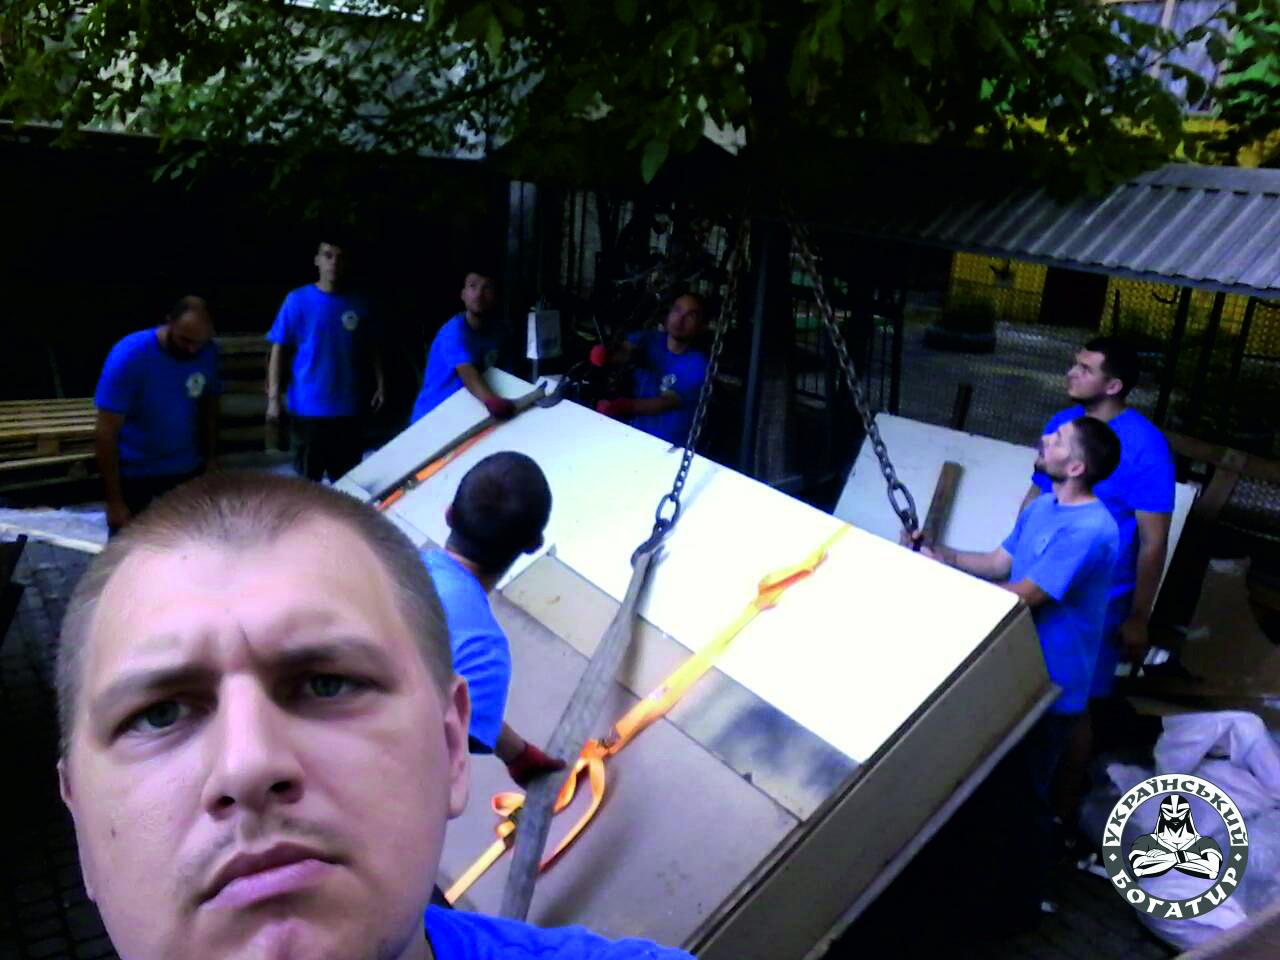 услуги манипулятора Львов - Украинский Богатырь